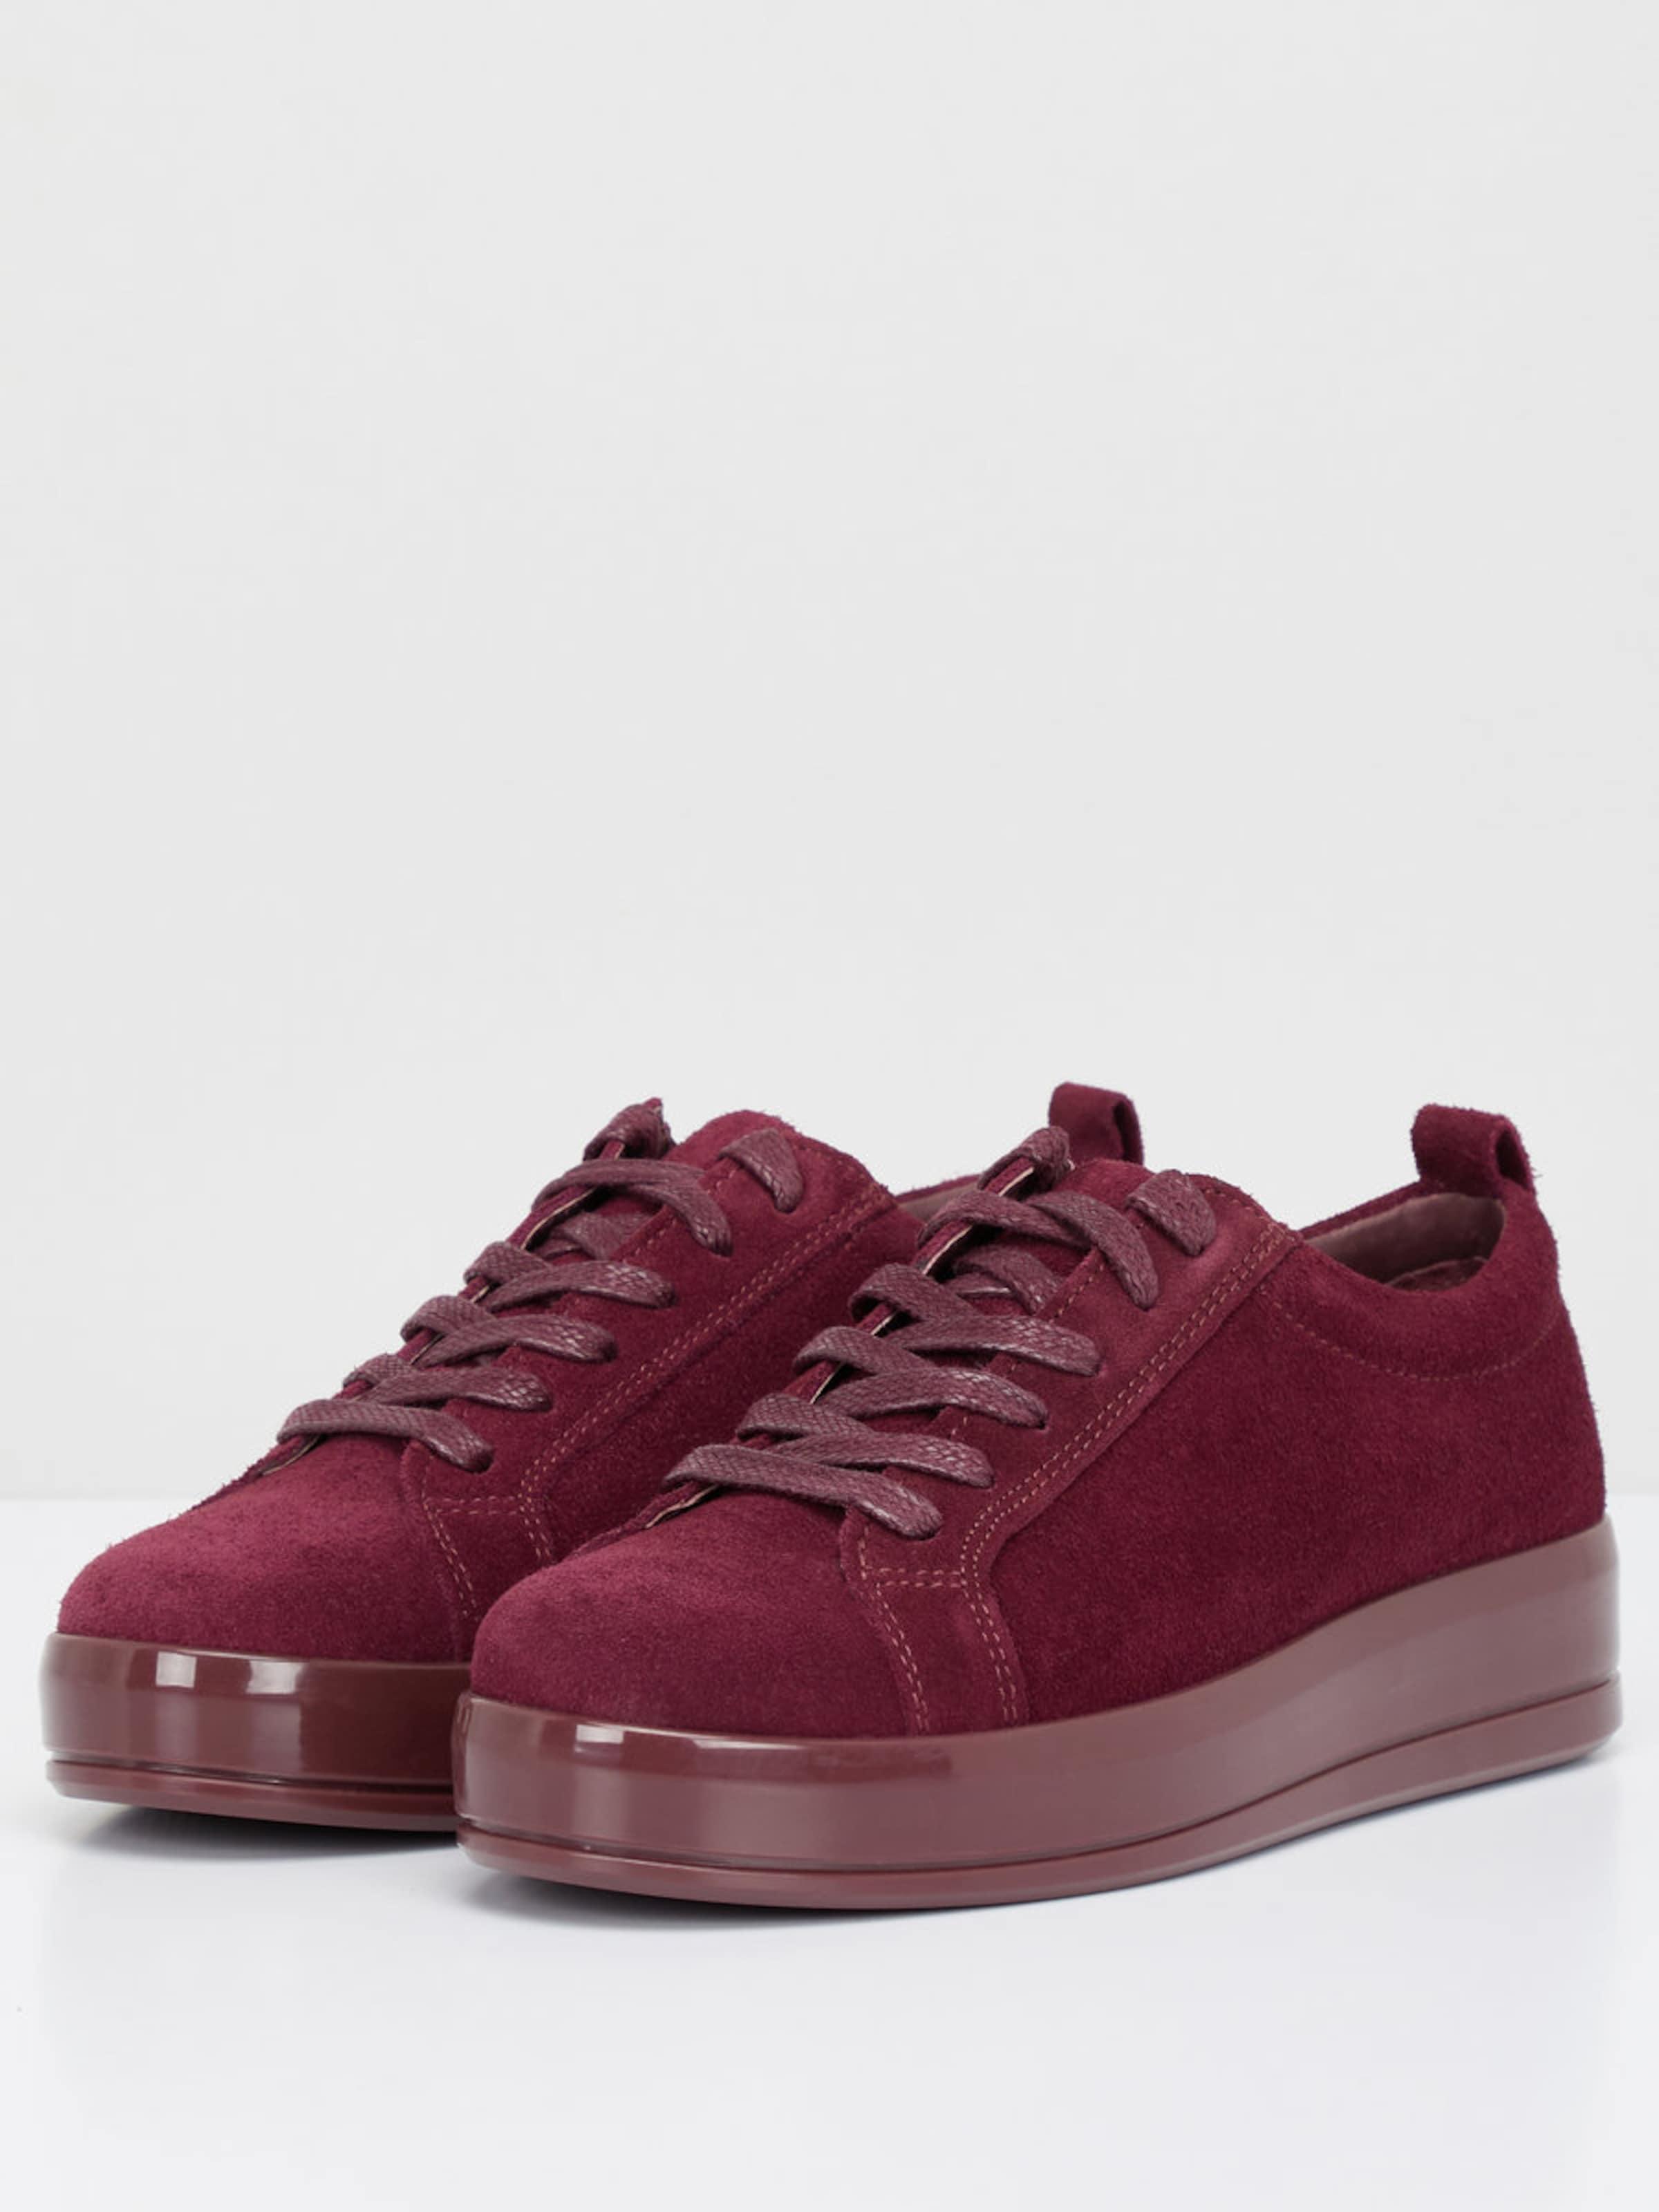 Wirklich Online Verkauf Mit Kreditkarte Bianco Flachform Sneaker aus Veloursleder Qualität Outlet-Store Rabatt-Spielraum Qualität Frei Versandstelle 61gr41fTt